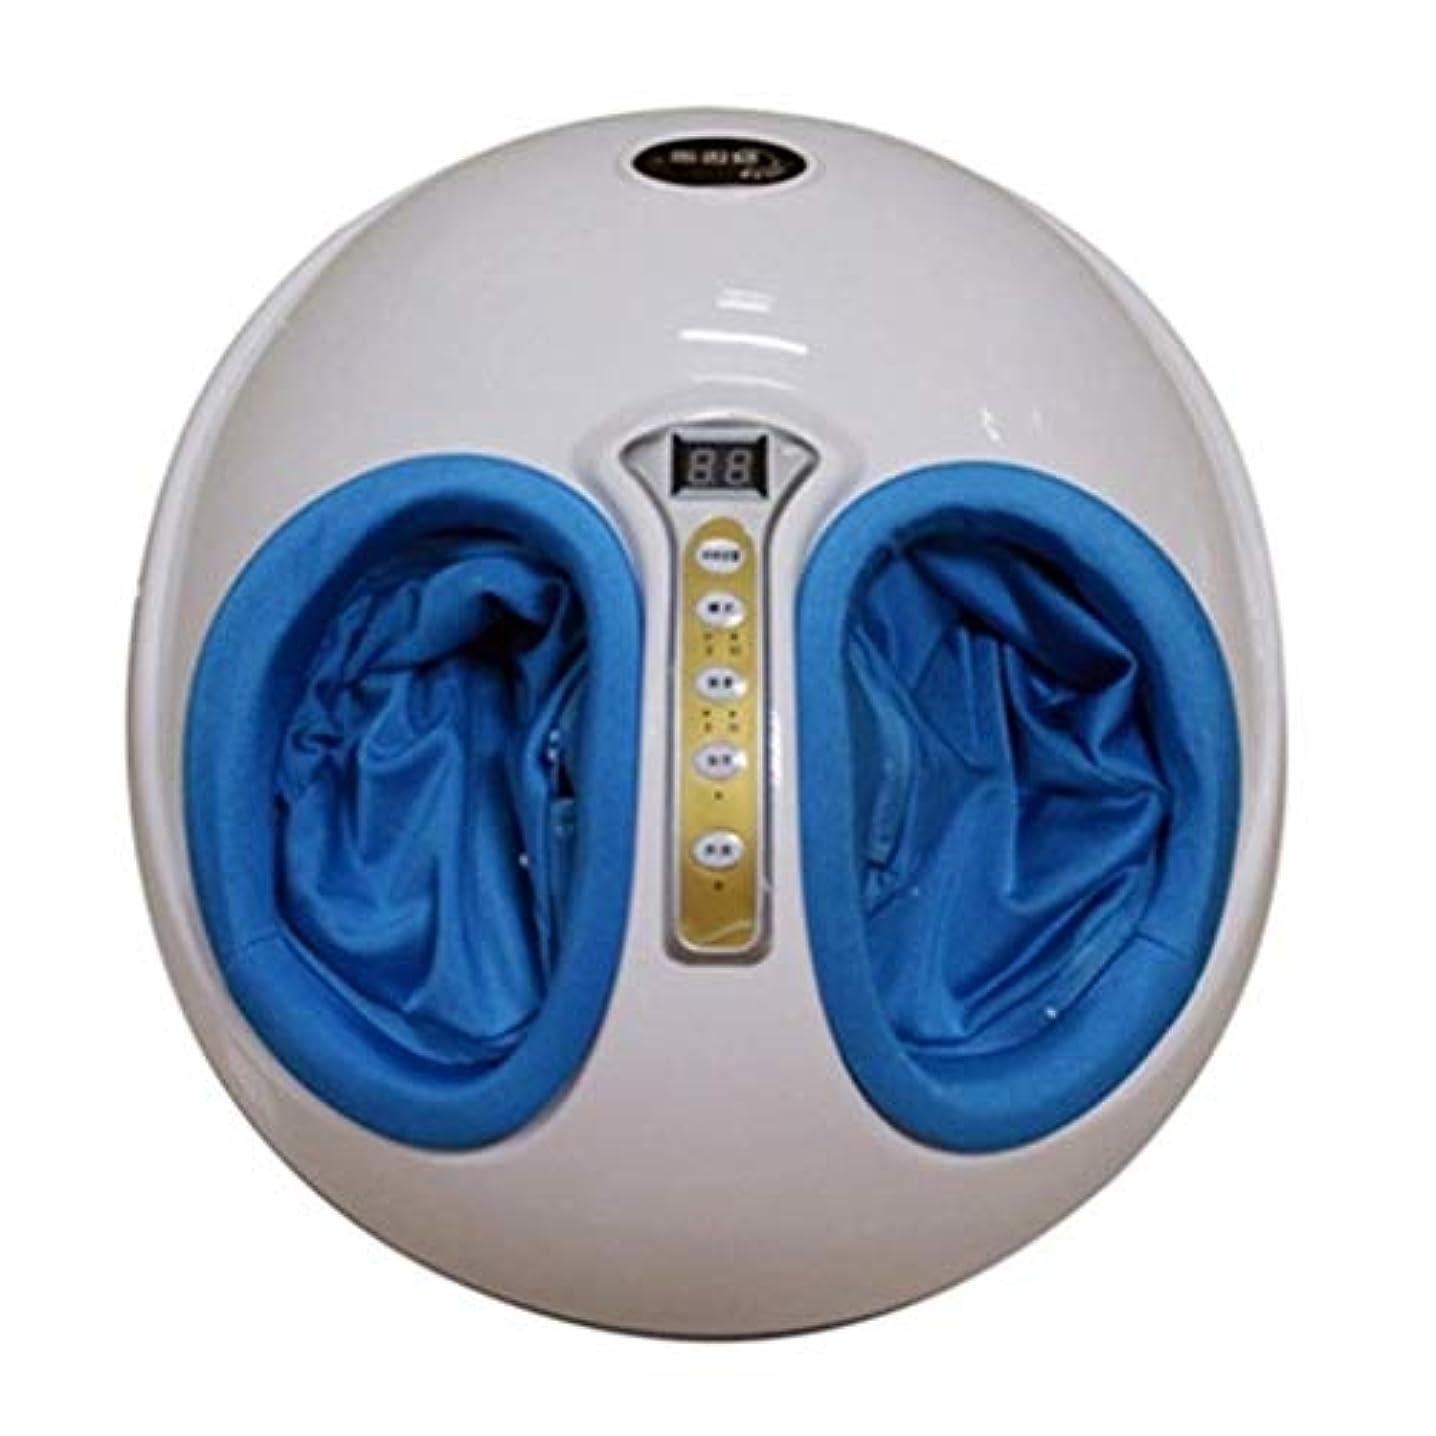 通路恐れありふれたフットマッサージャー、電動マッサージャー、3D指圧Pressureみマッサージ/加熱、赤外線フットケアマシン、減圧とリラクゼーション療法、痛みを和らげ、血液循環を促進